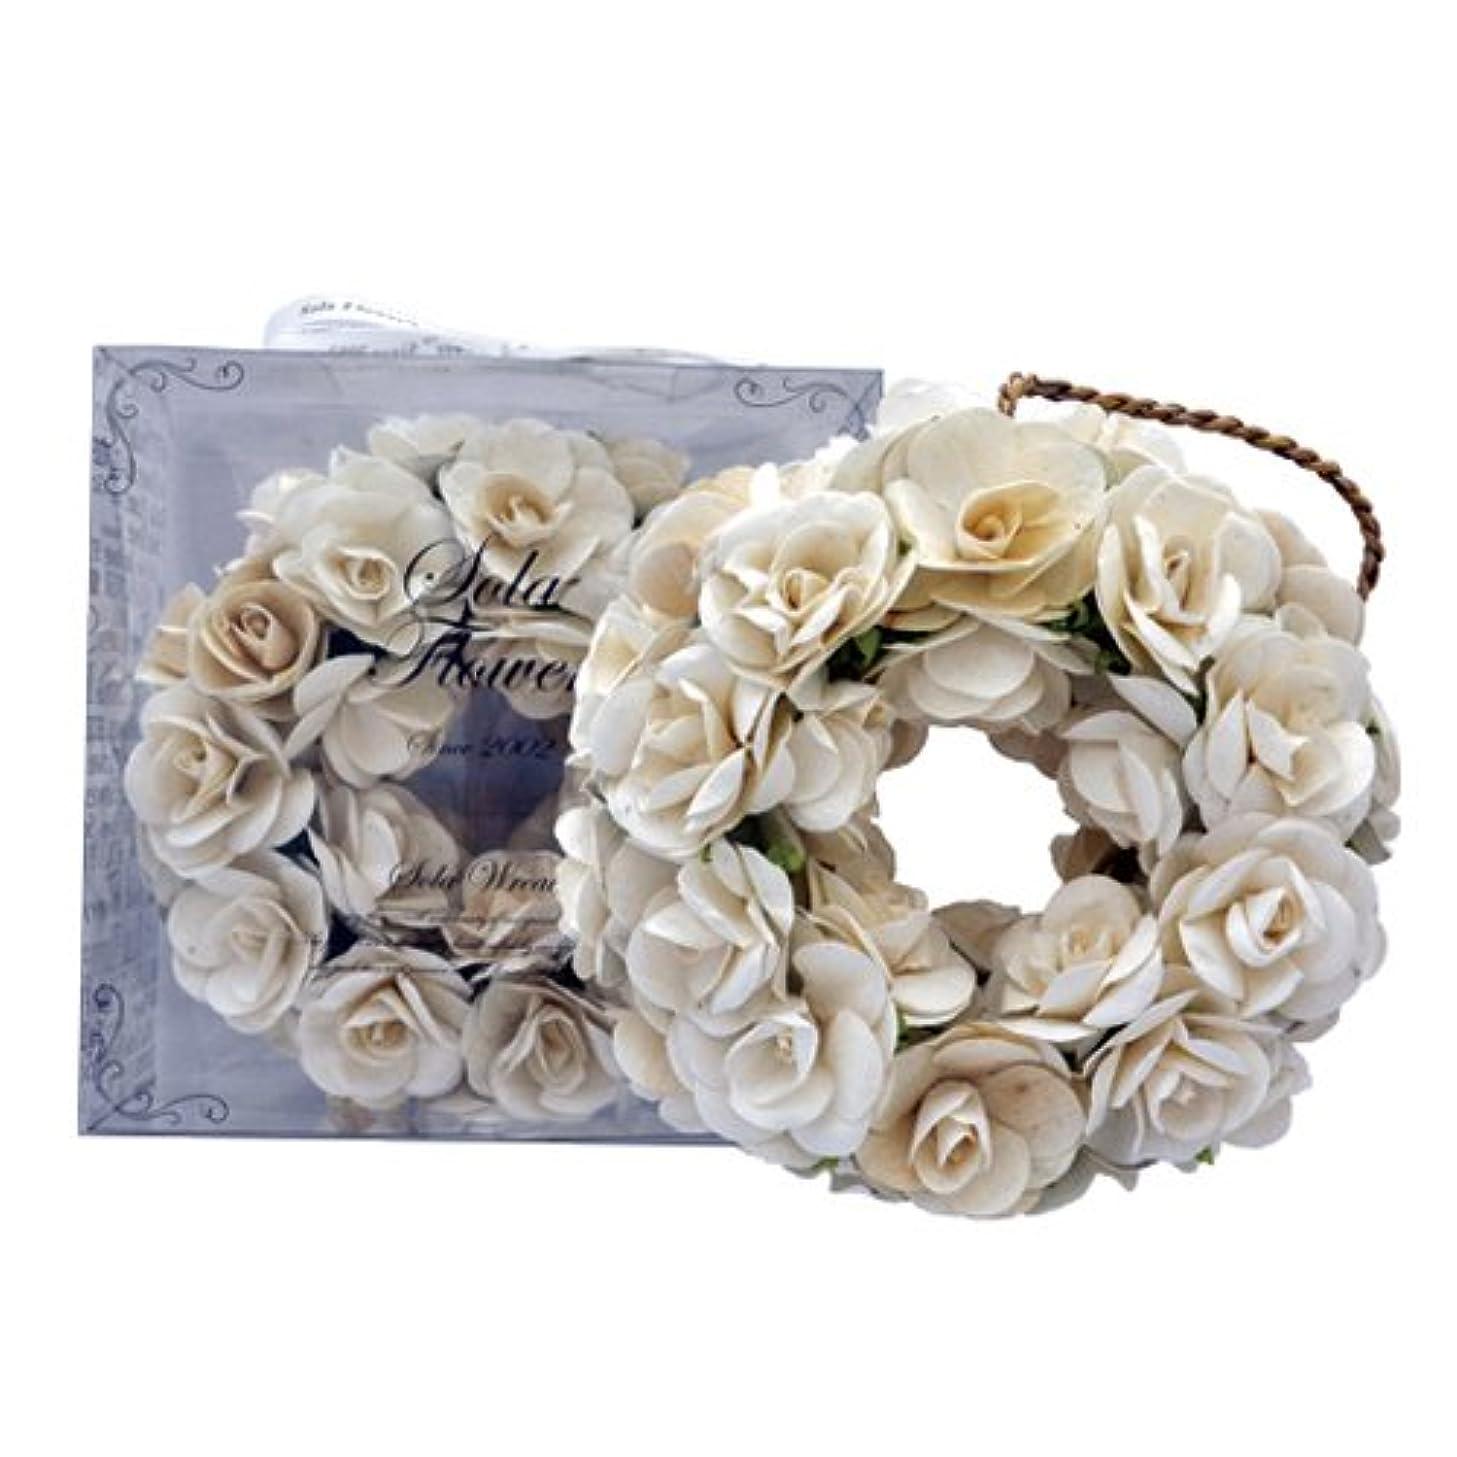 シャンプーめったに推論new Sola Flower ソラフラワー リース Original Rose オリジナルローズ Wreath